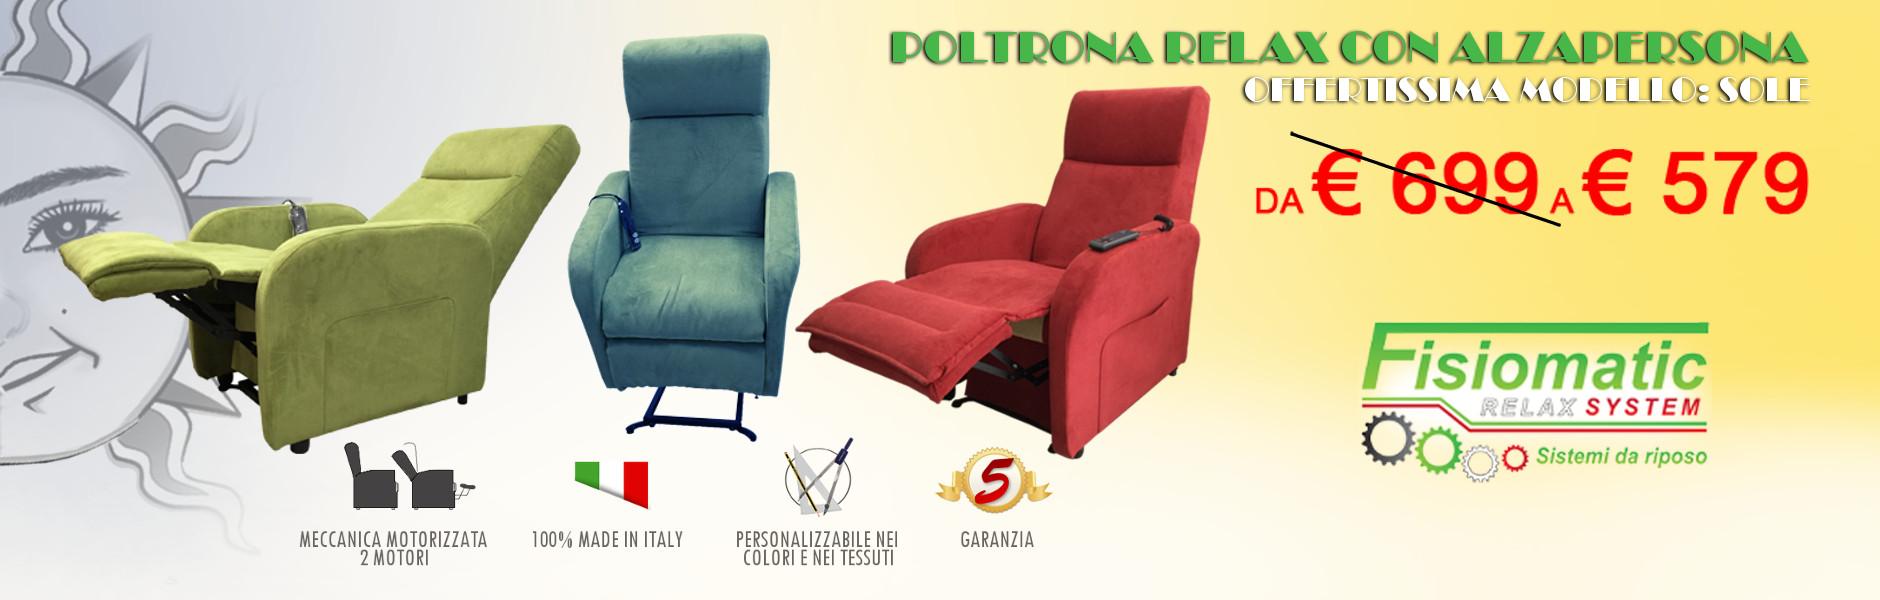 slide-poltrona-con-alzapersona-in-offerta-a-Roma